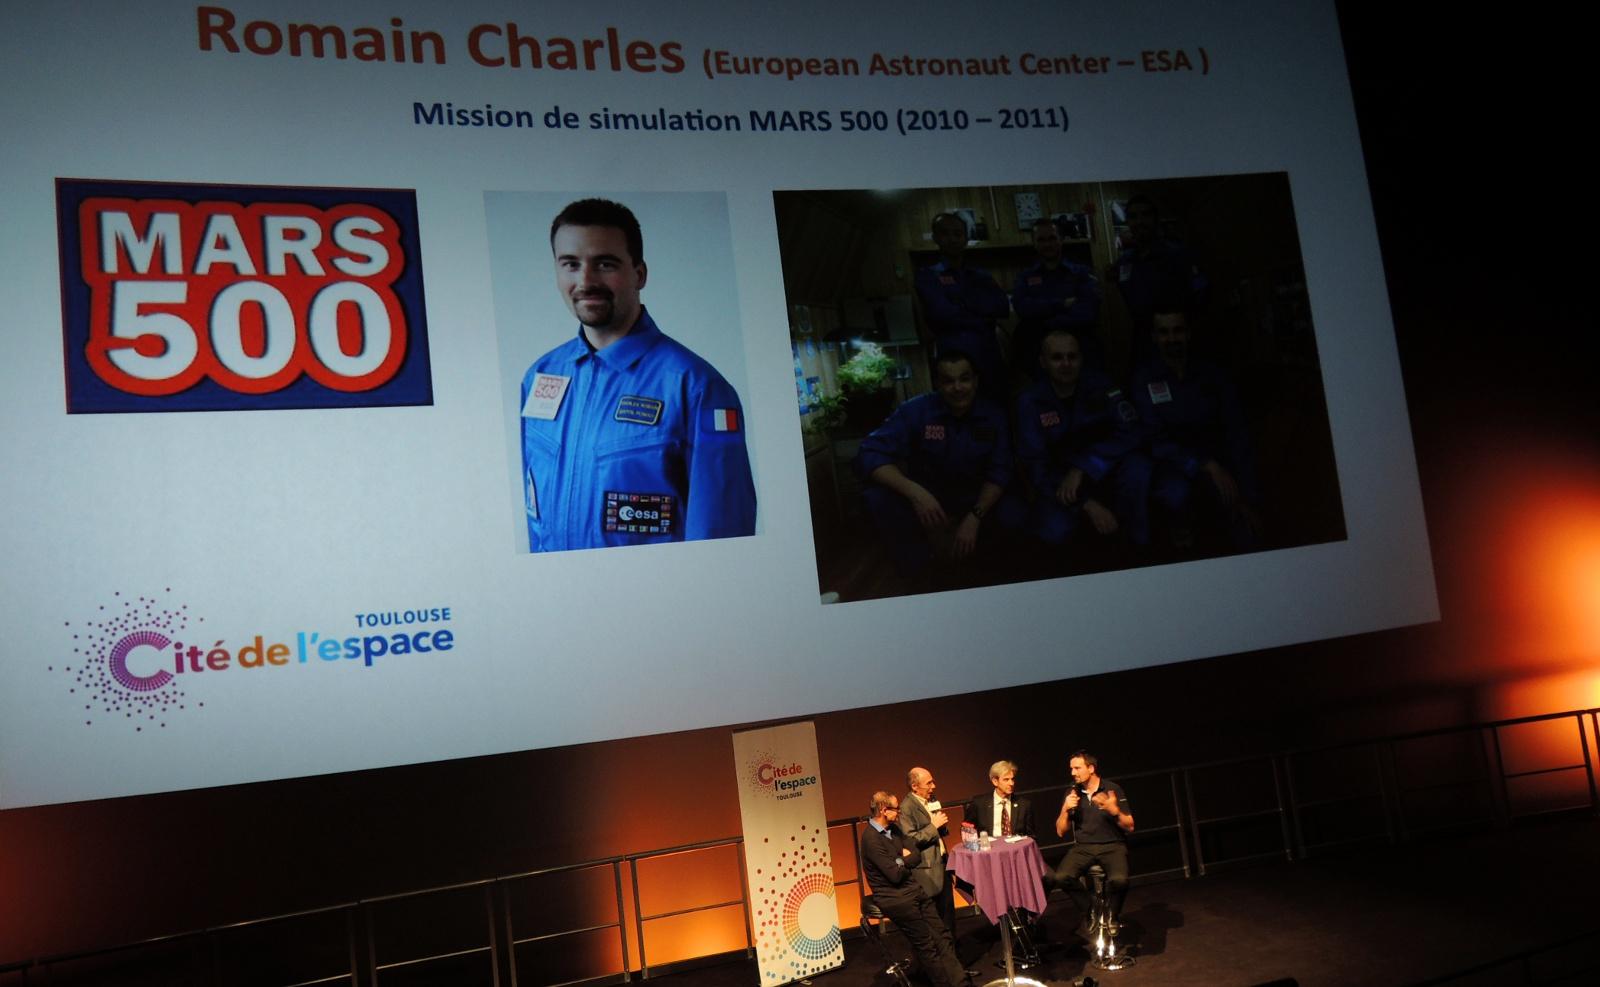 Cité de l'espace - Romain Charles - Mars 500 - Seul sur Mars